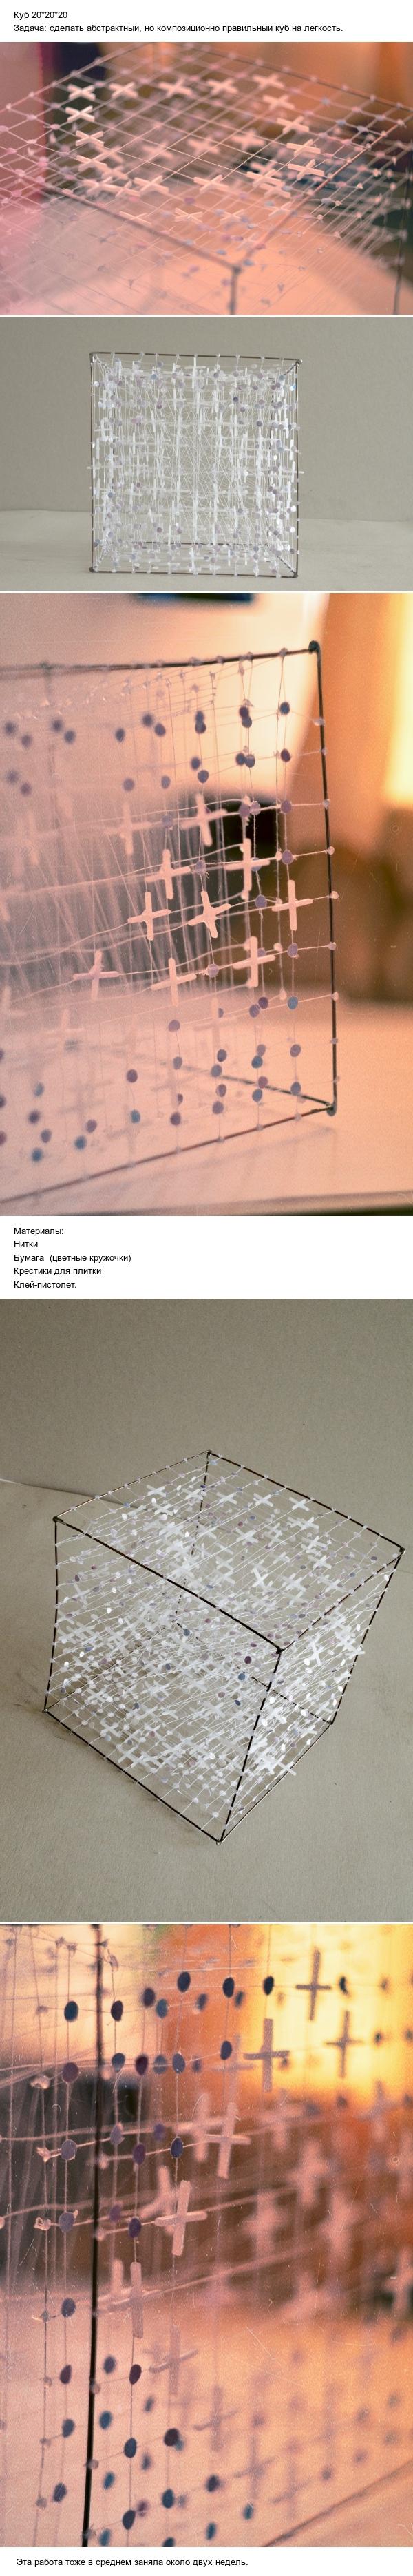 Макет в кубе. макет, бумага, своими руками, нитки, куб, макетная мастерская, длиннопост